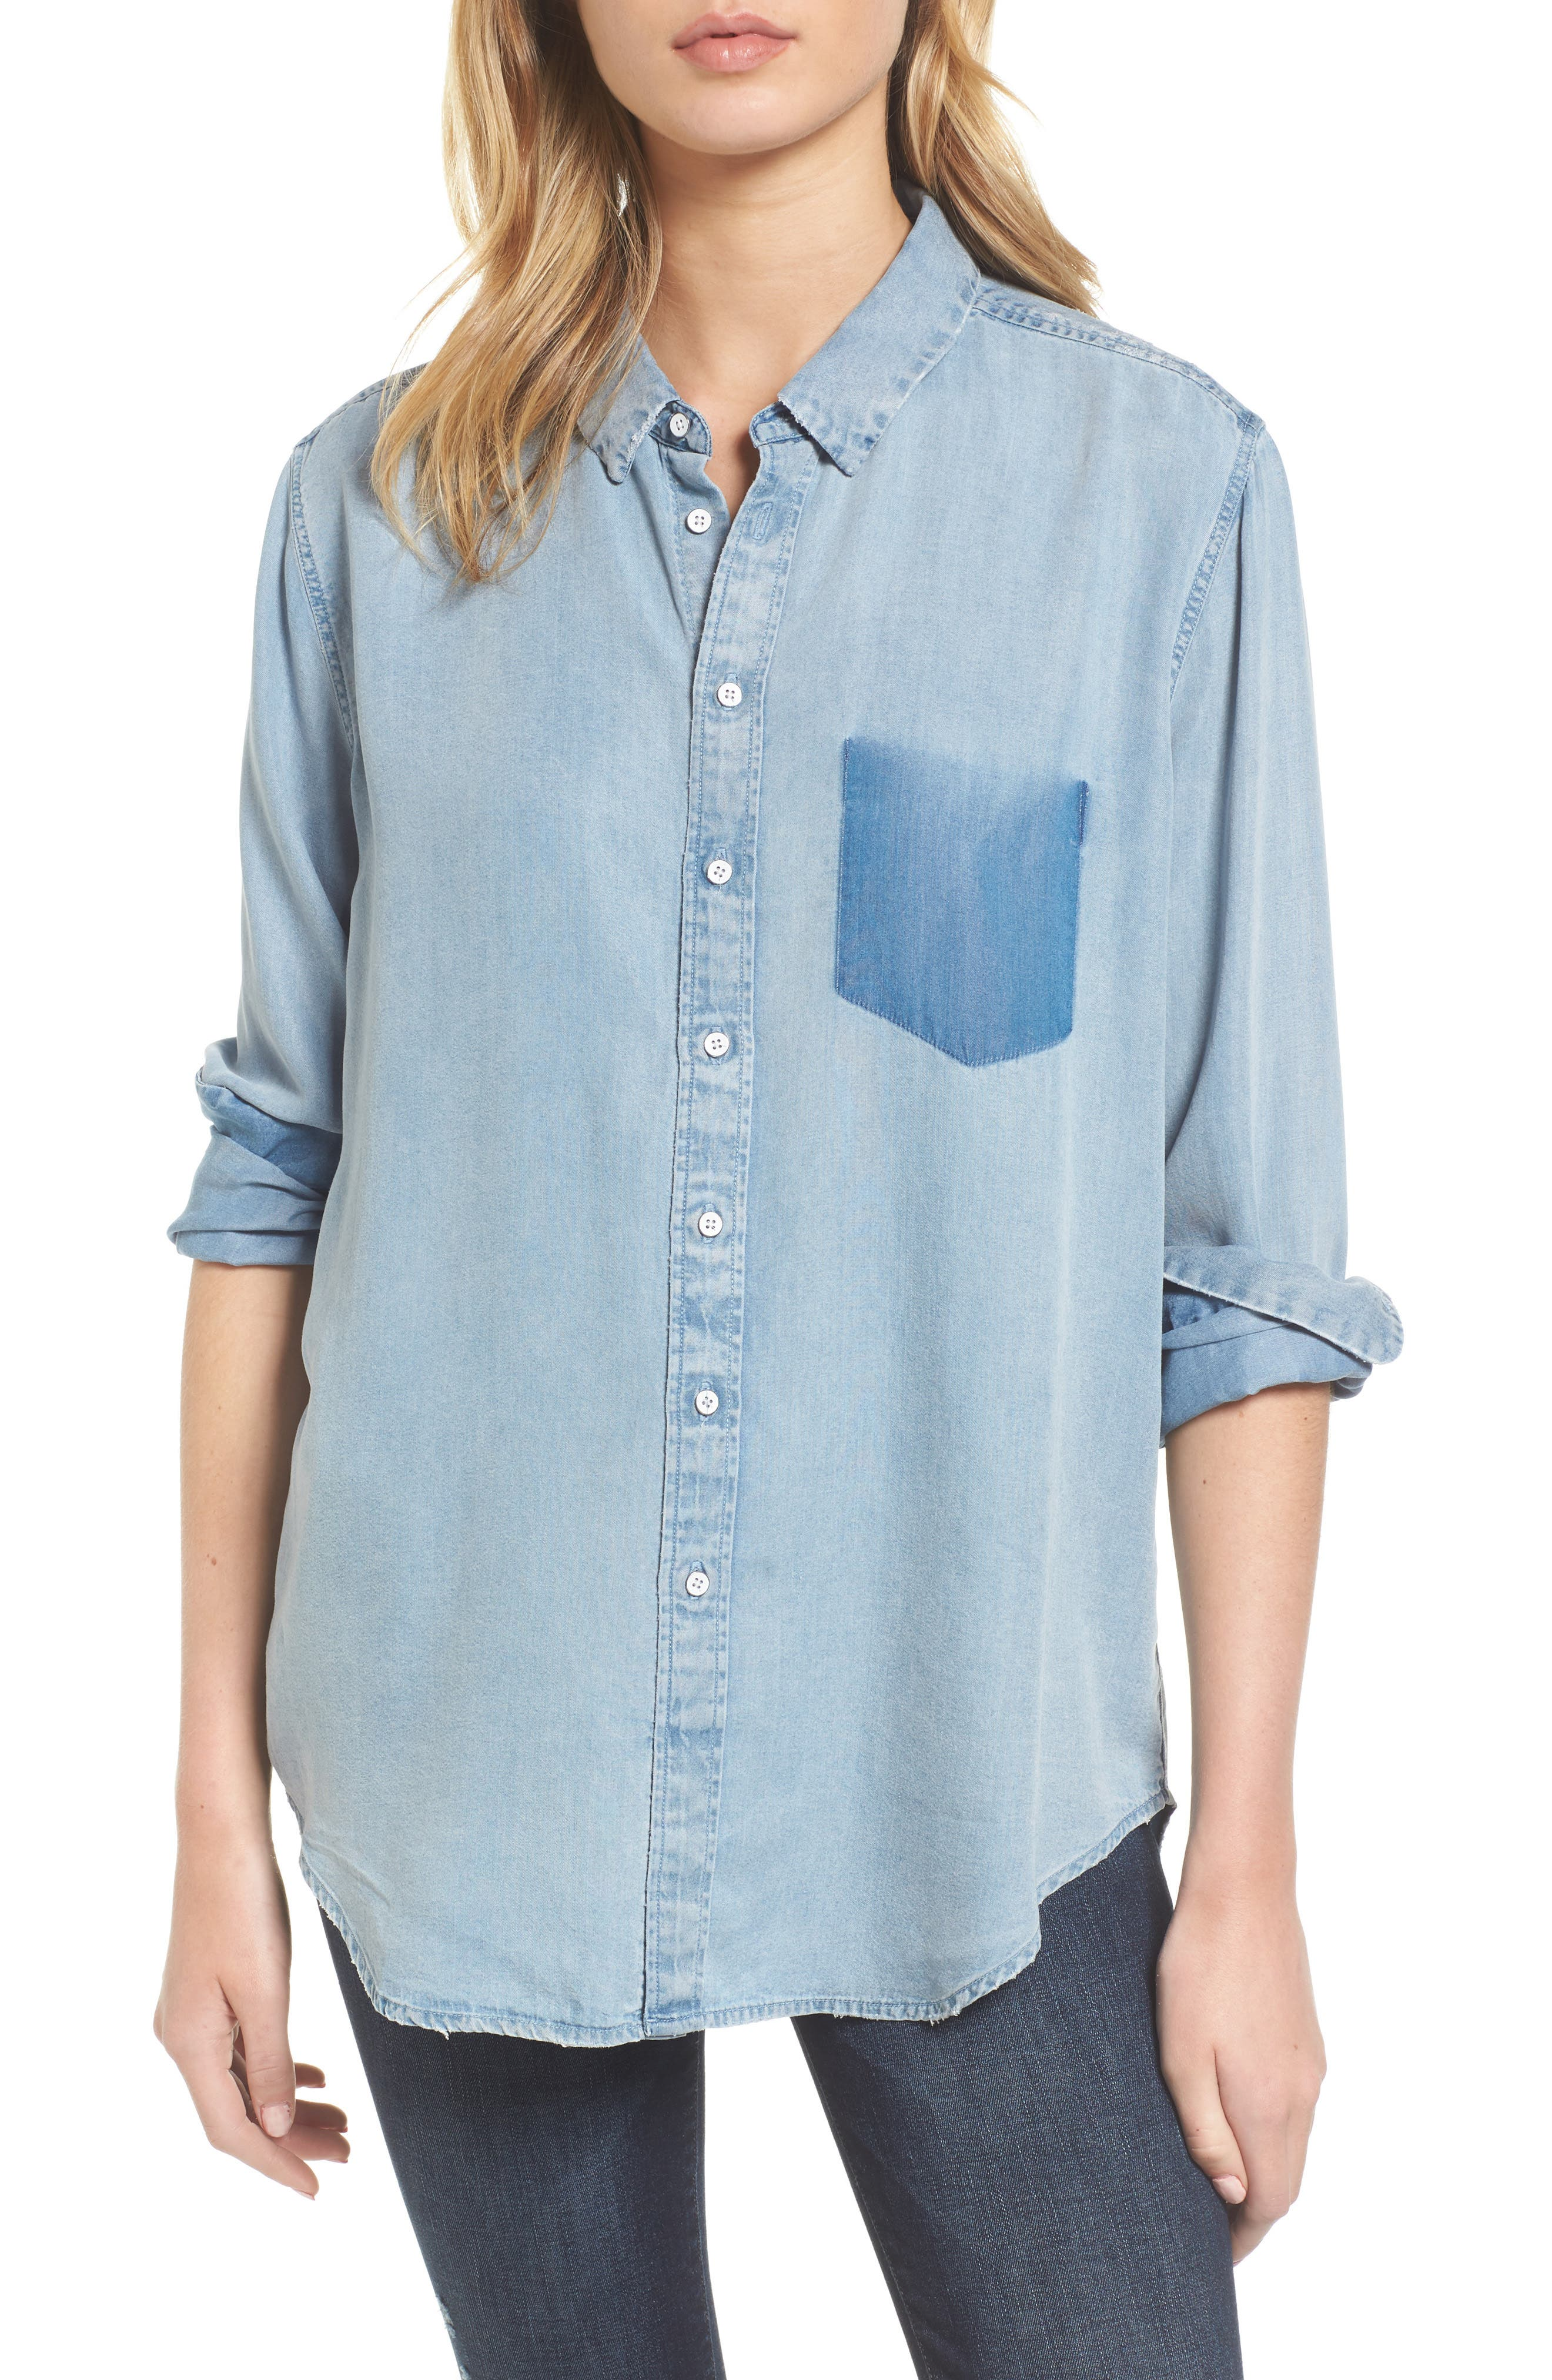 Alternate Image 1 Selected - DL1961 x The Blue Shirt Shop Nassau & Manhattan Boyfriend Shirt